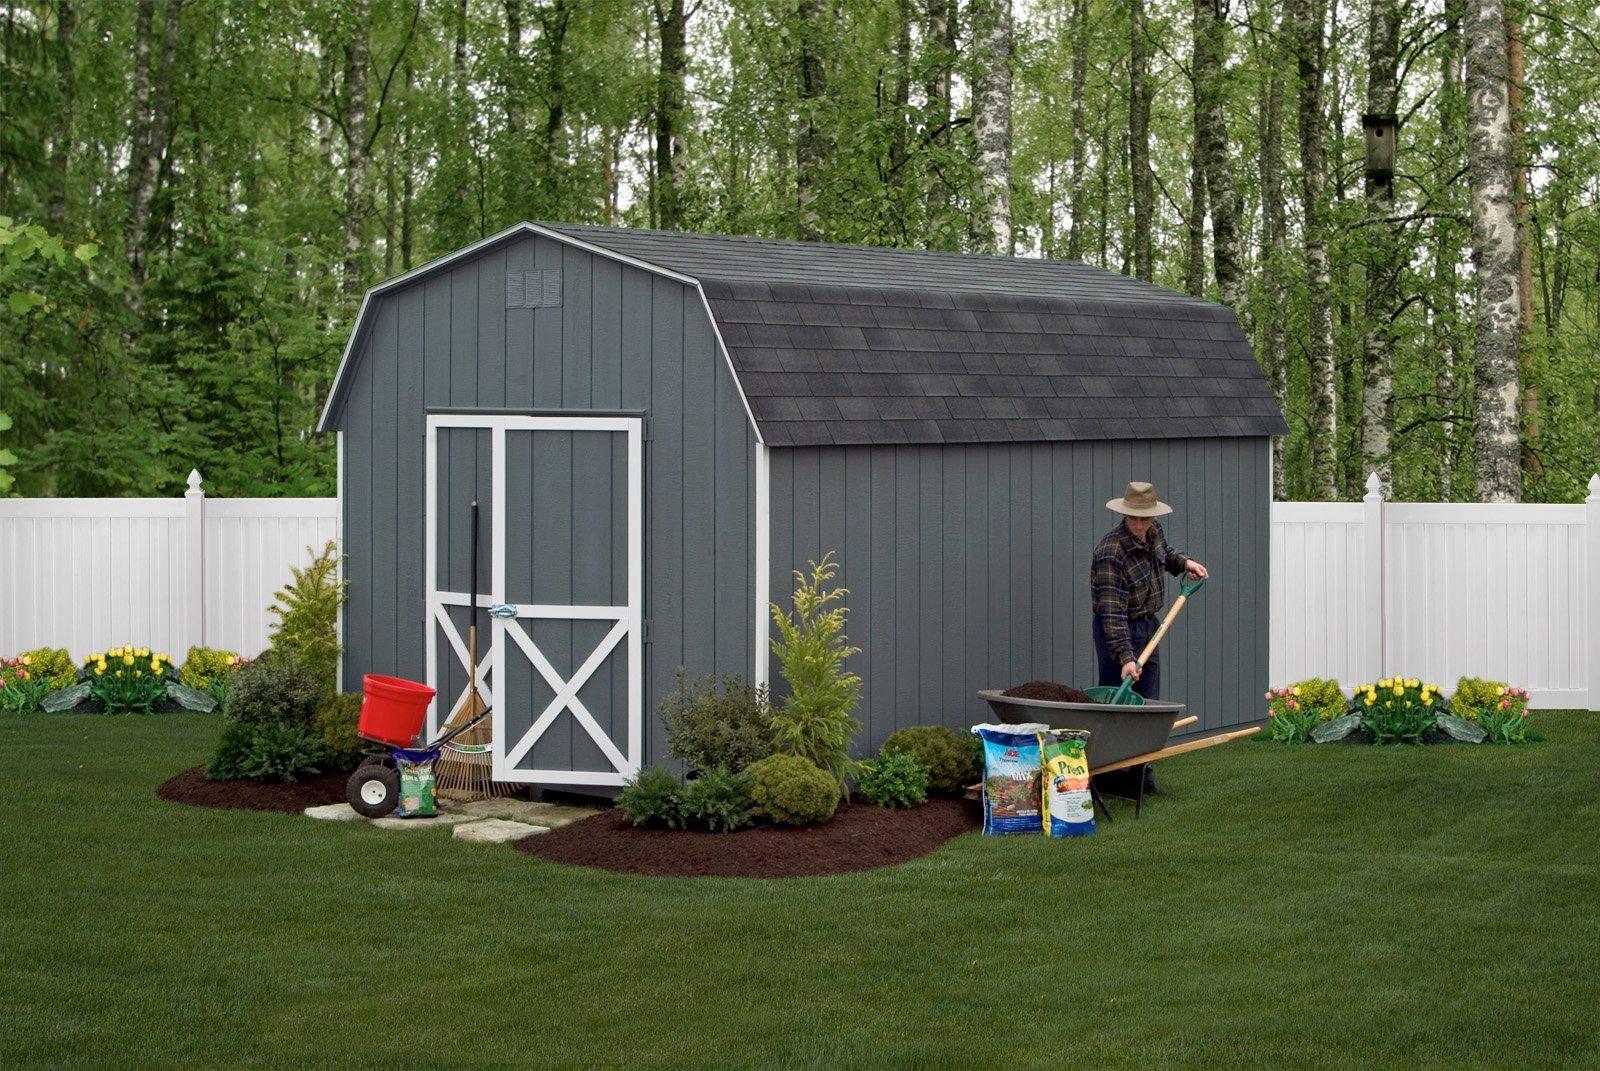 18-Barn6-DarkGray-10×16 mini barn starting 2400 as shown 3910